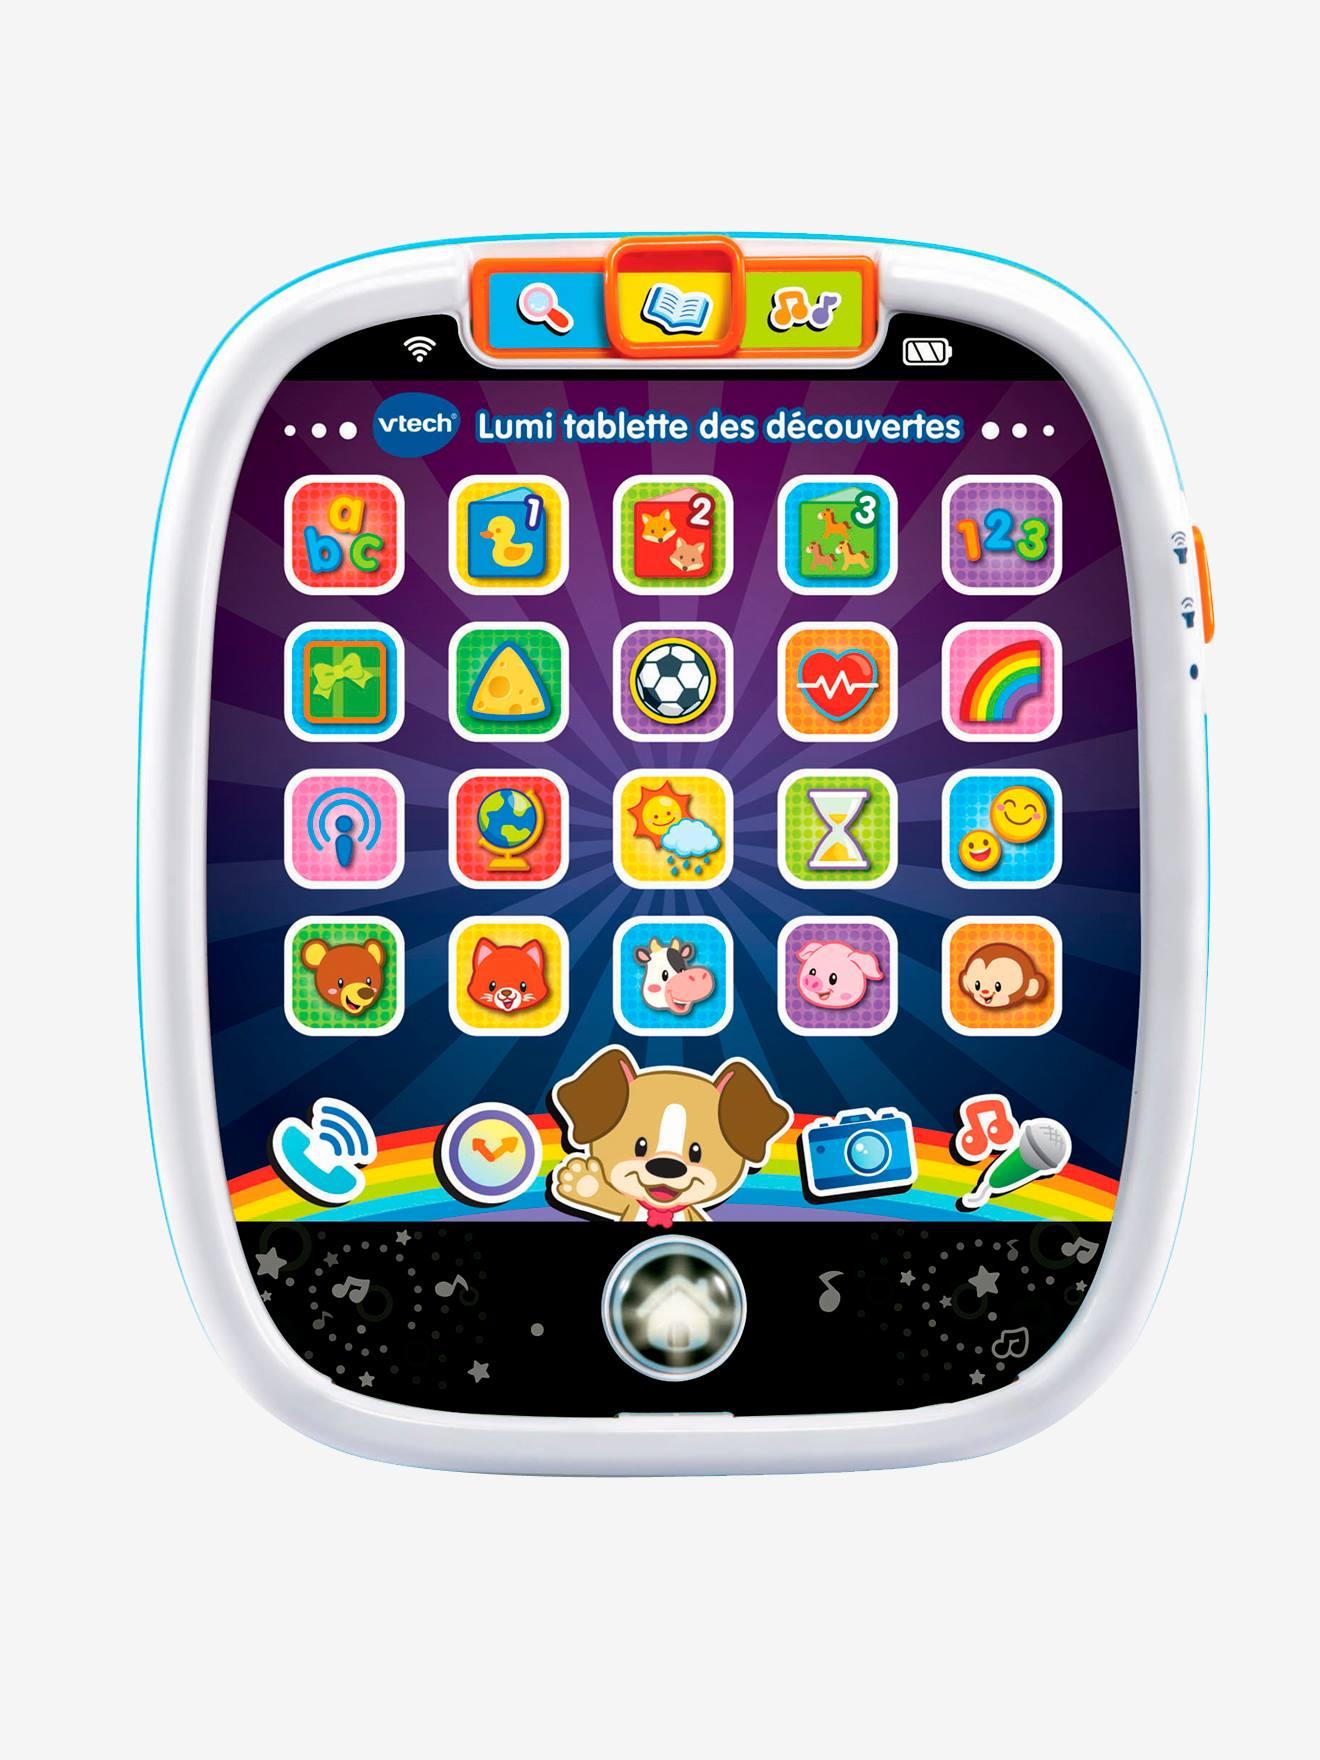 Lumi tablette des découvertes VTECH multicolore